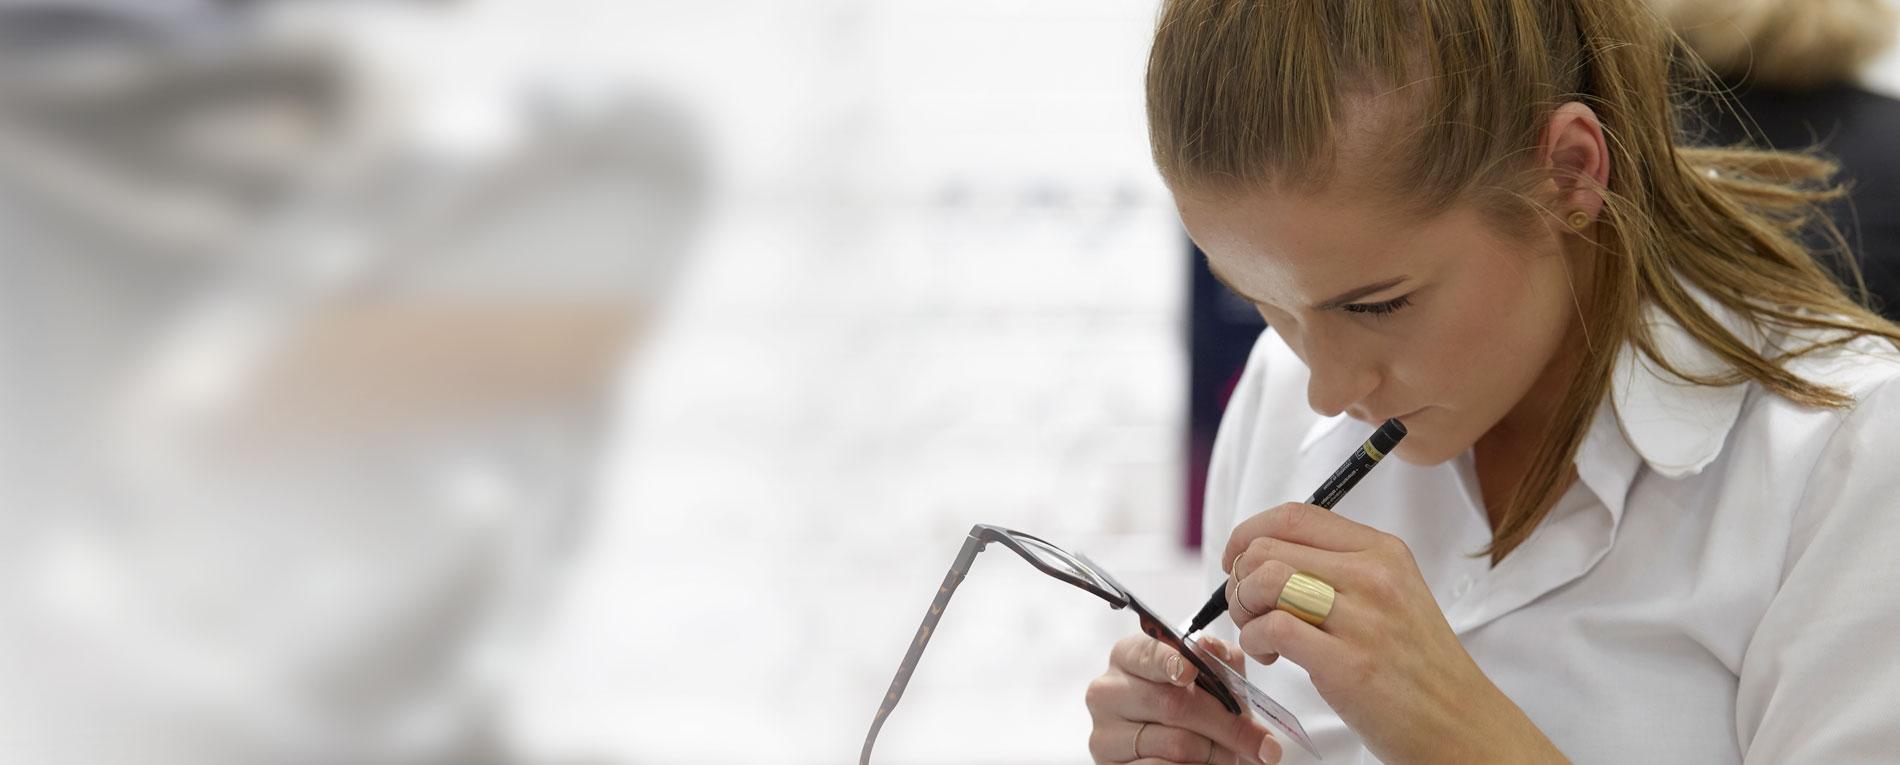 Praktik som optikstuderende eller salgsassistentelev